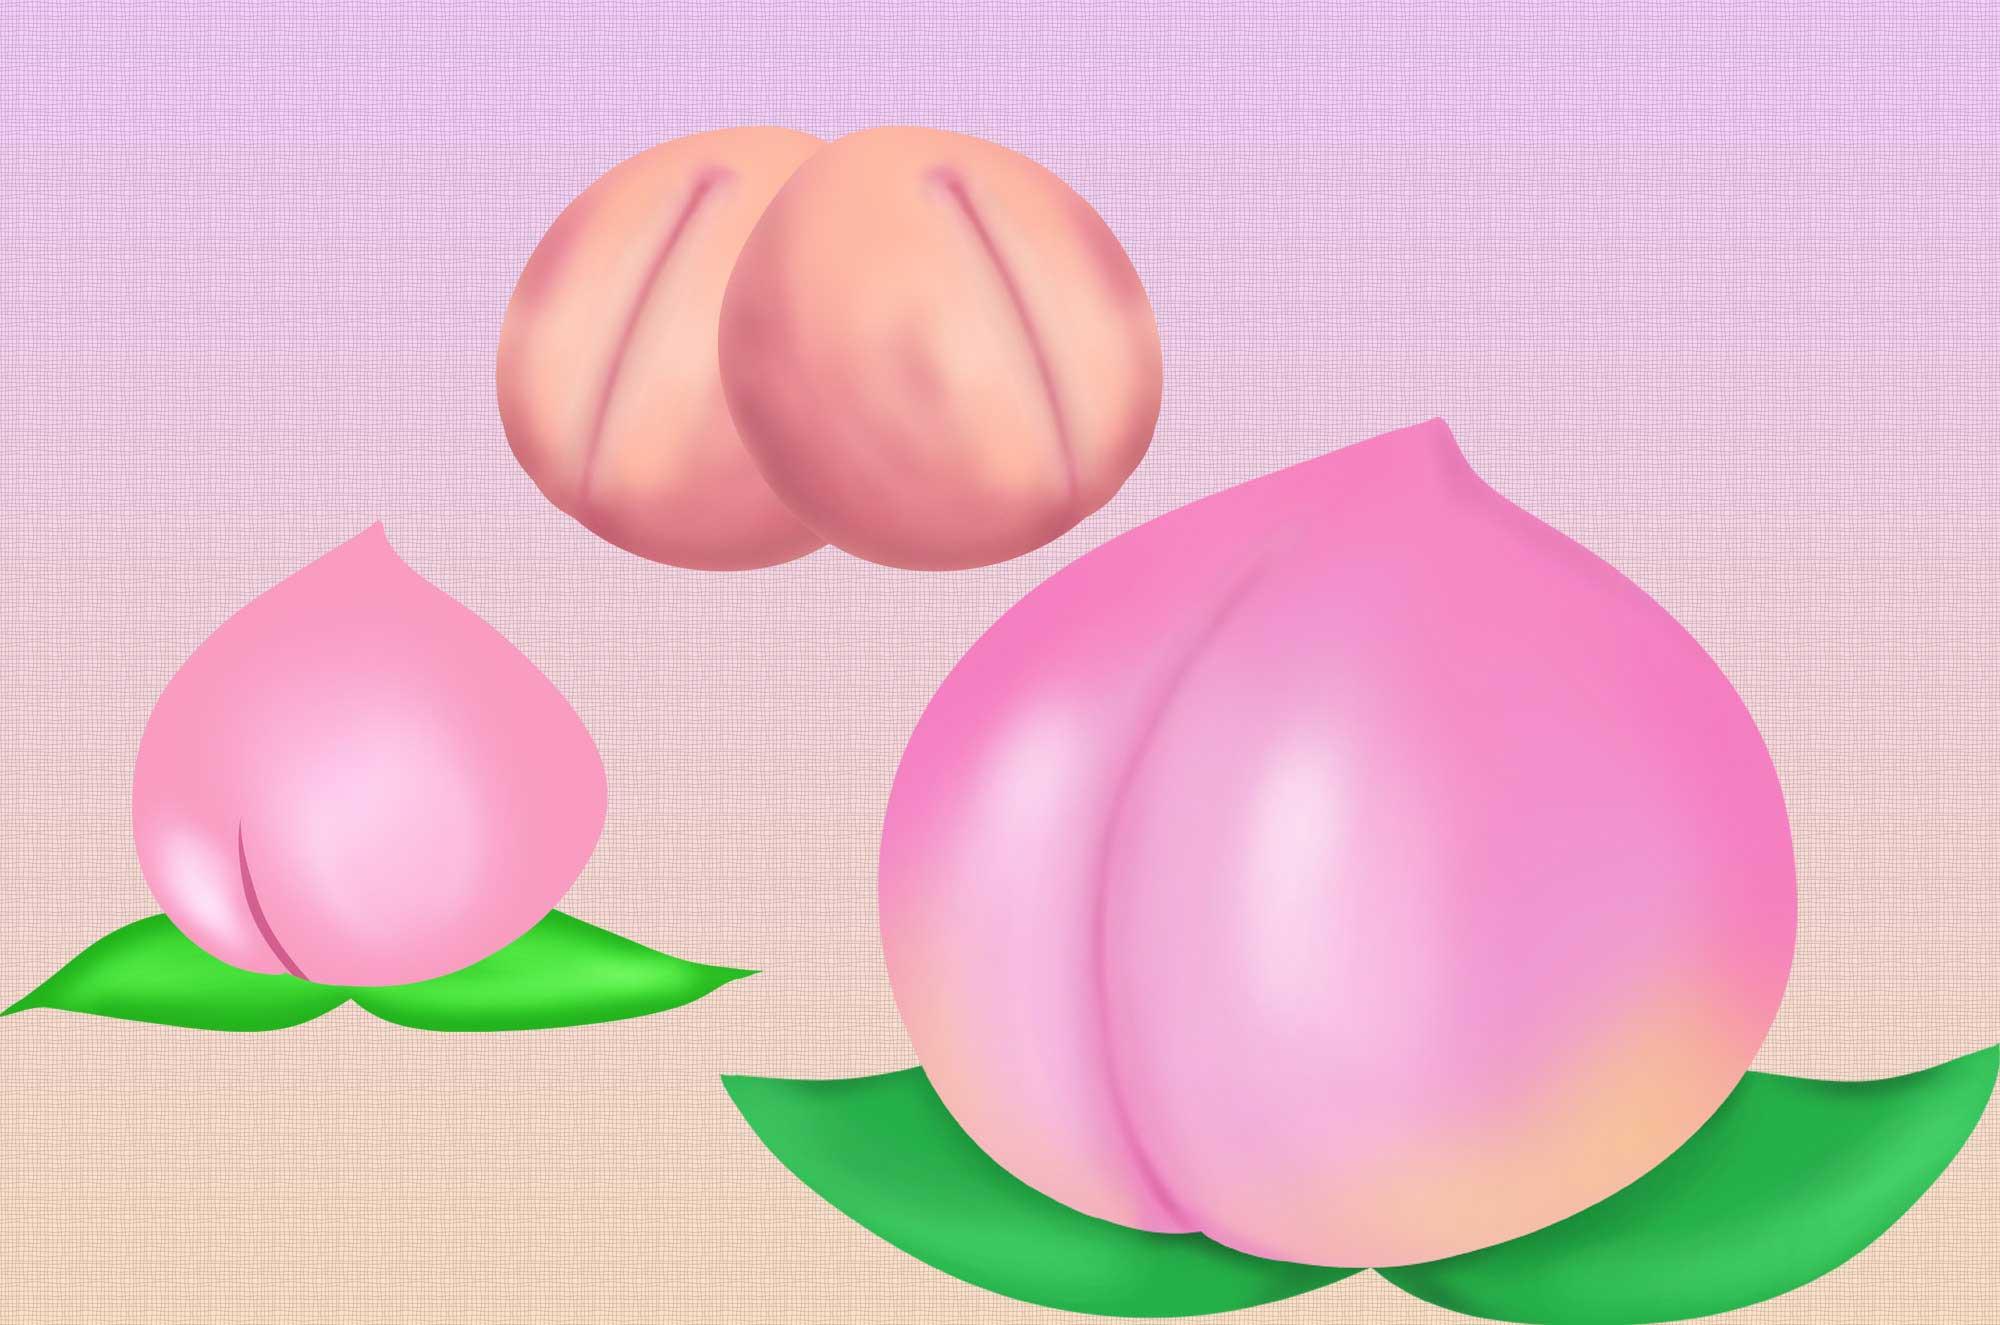 桃イラスト - かわいいプリプリのモモの無料素材集